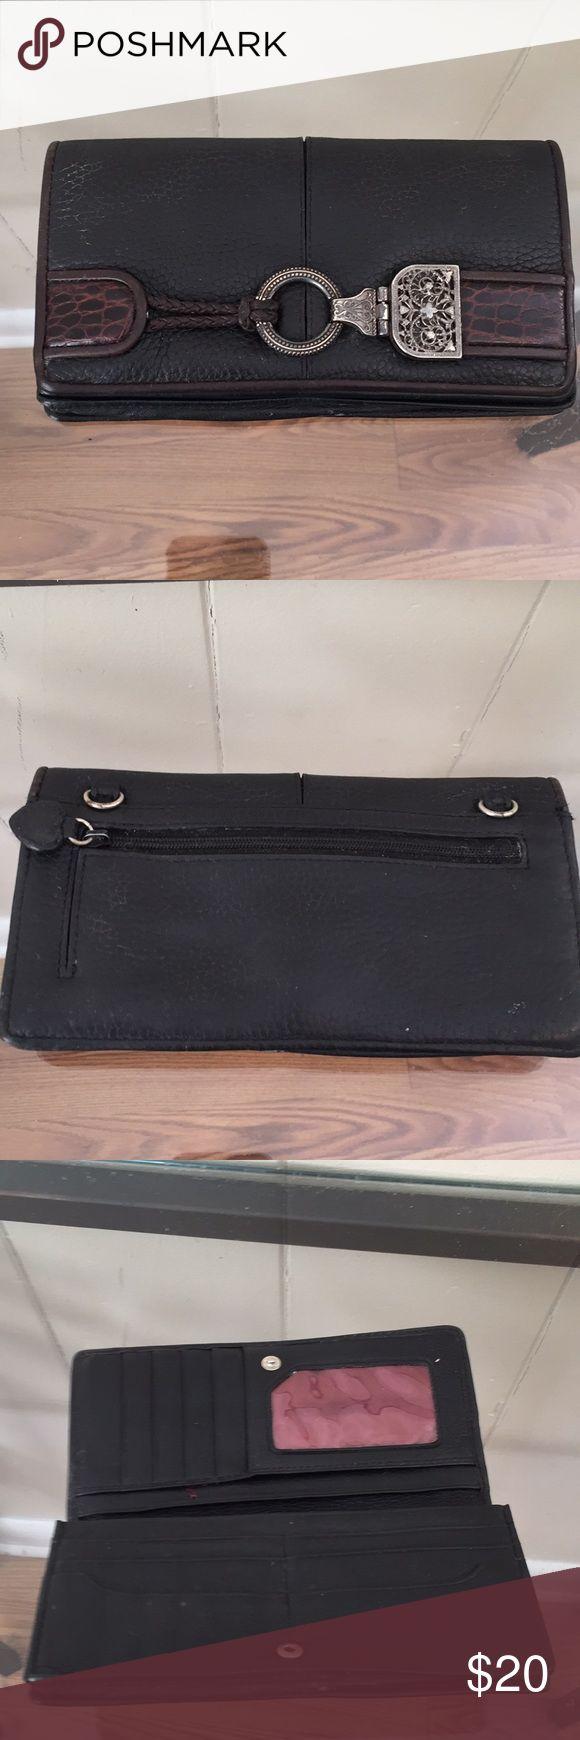 Brighton wallet Brighton wallet in good condition Brighton Bags Wallets